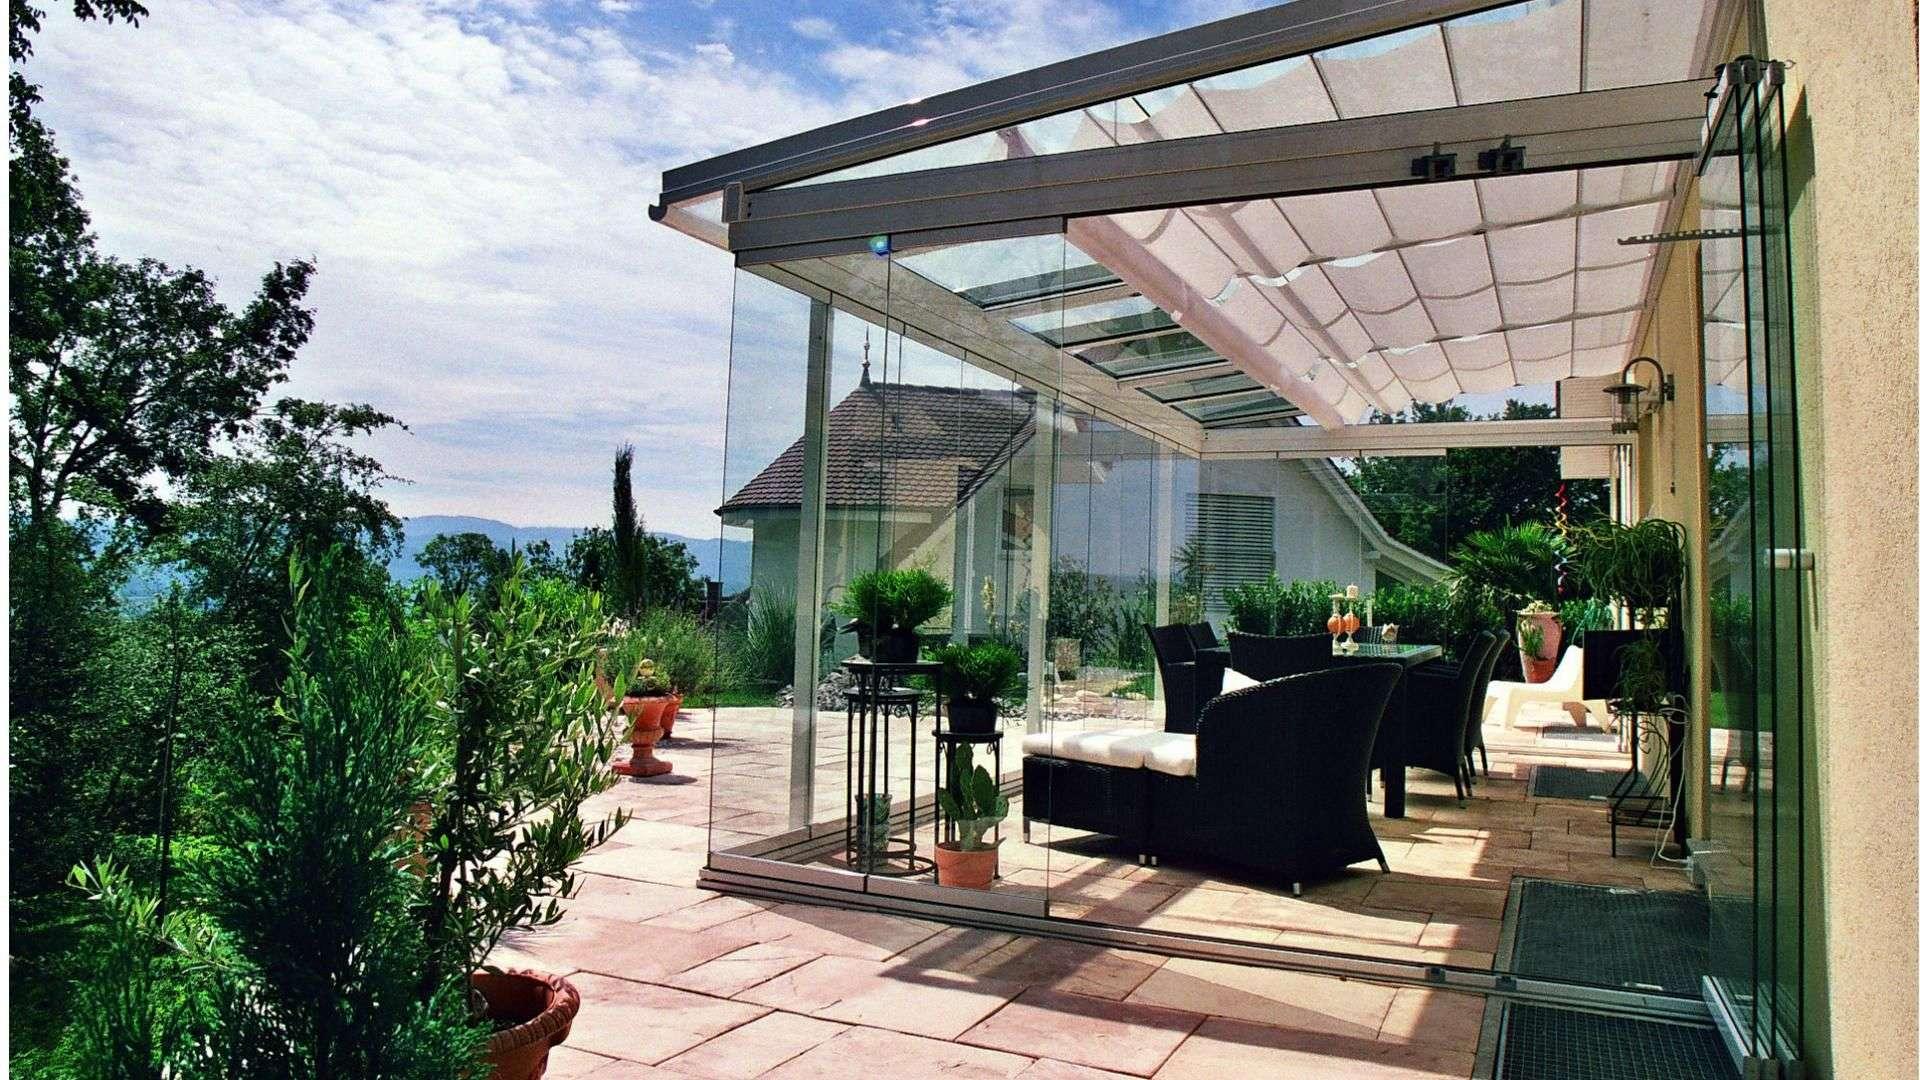 Seitenansicht eines Glashauses auf einer Terrasse an einem Haus